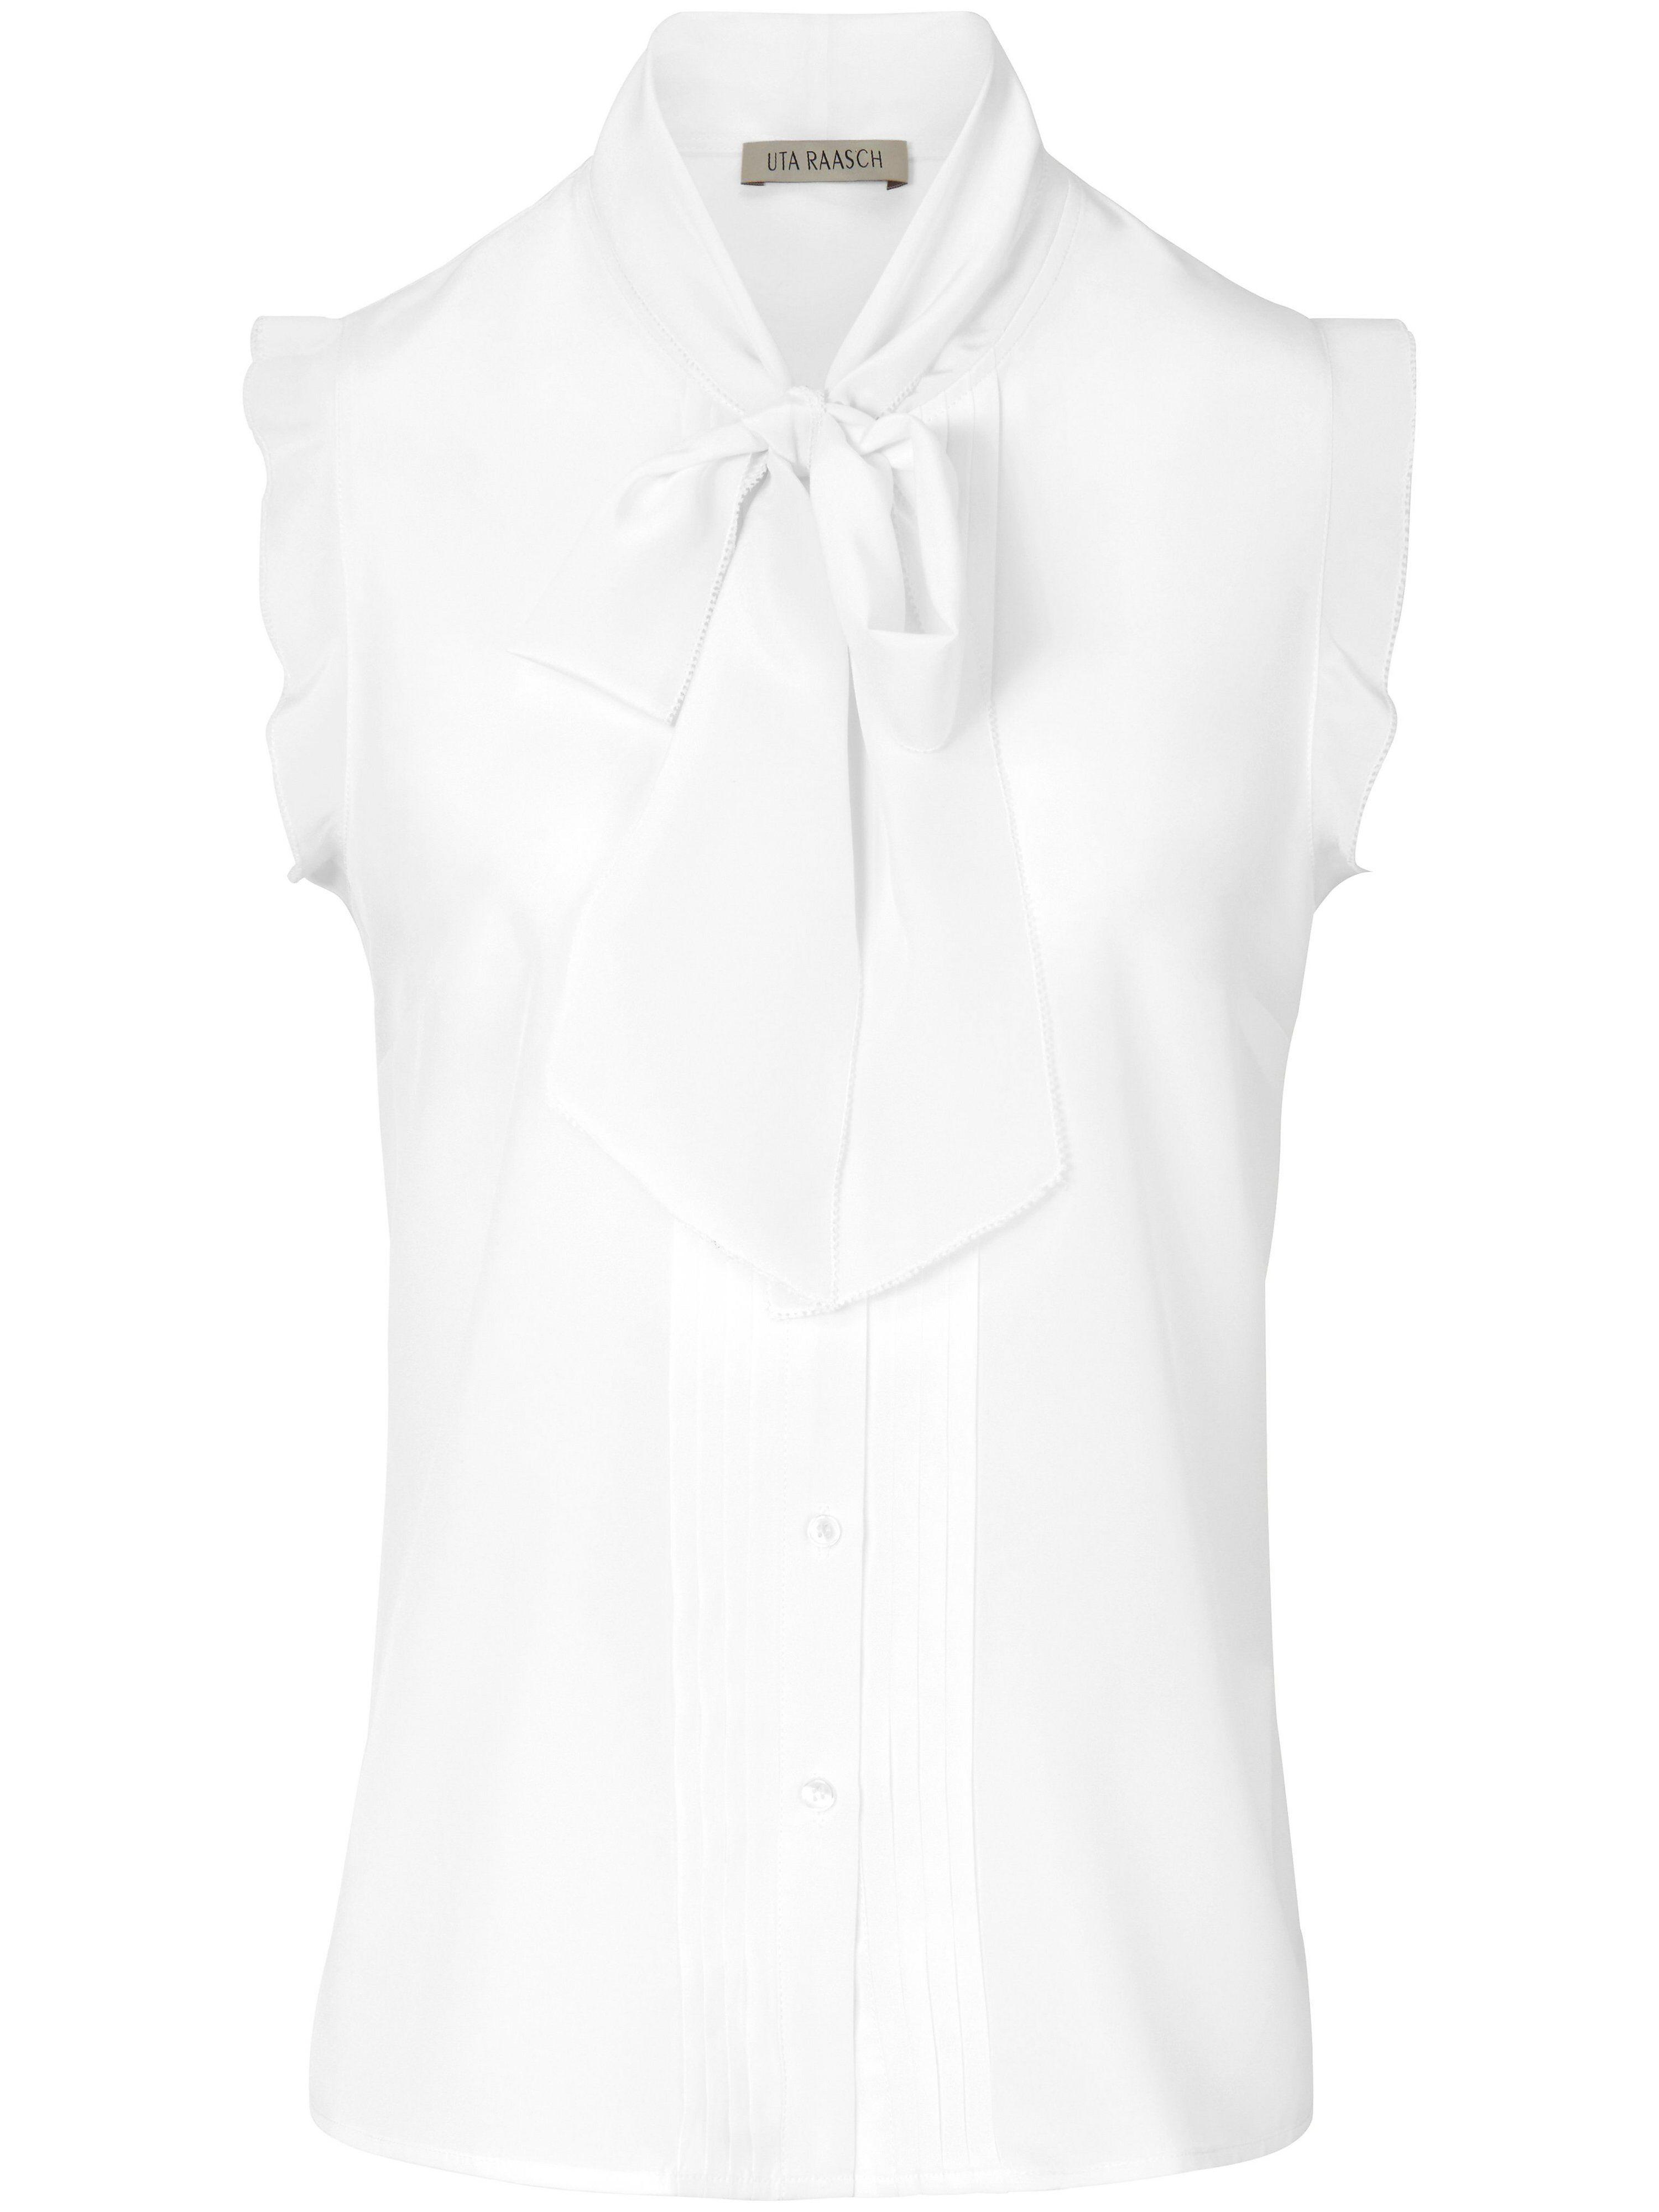 Uta Raasch Le top 100% soie  Uta Raasch blanc  - Femme - 40